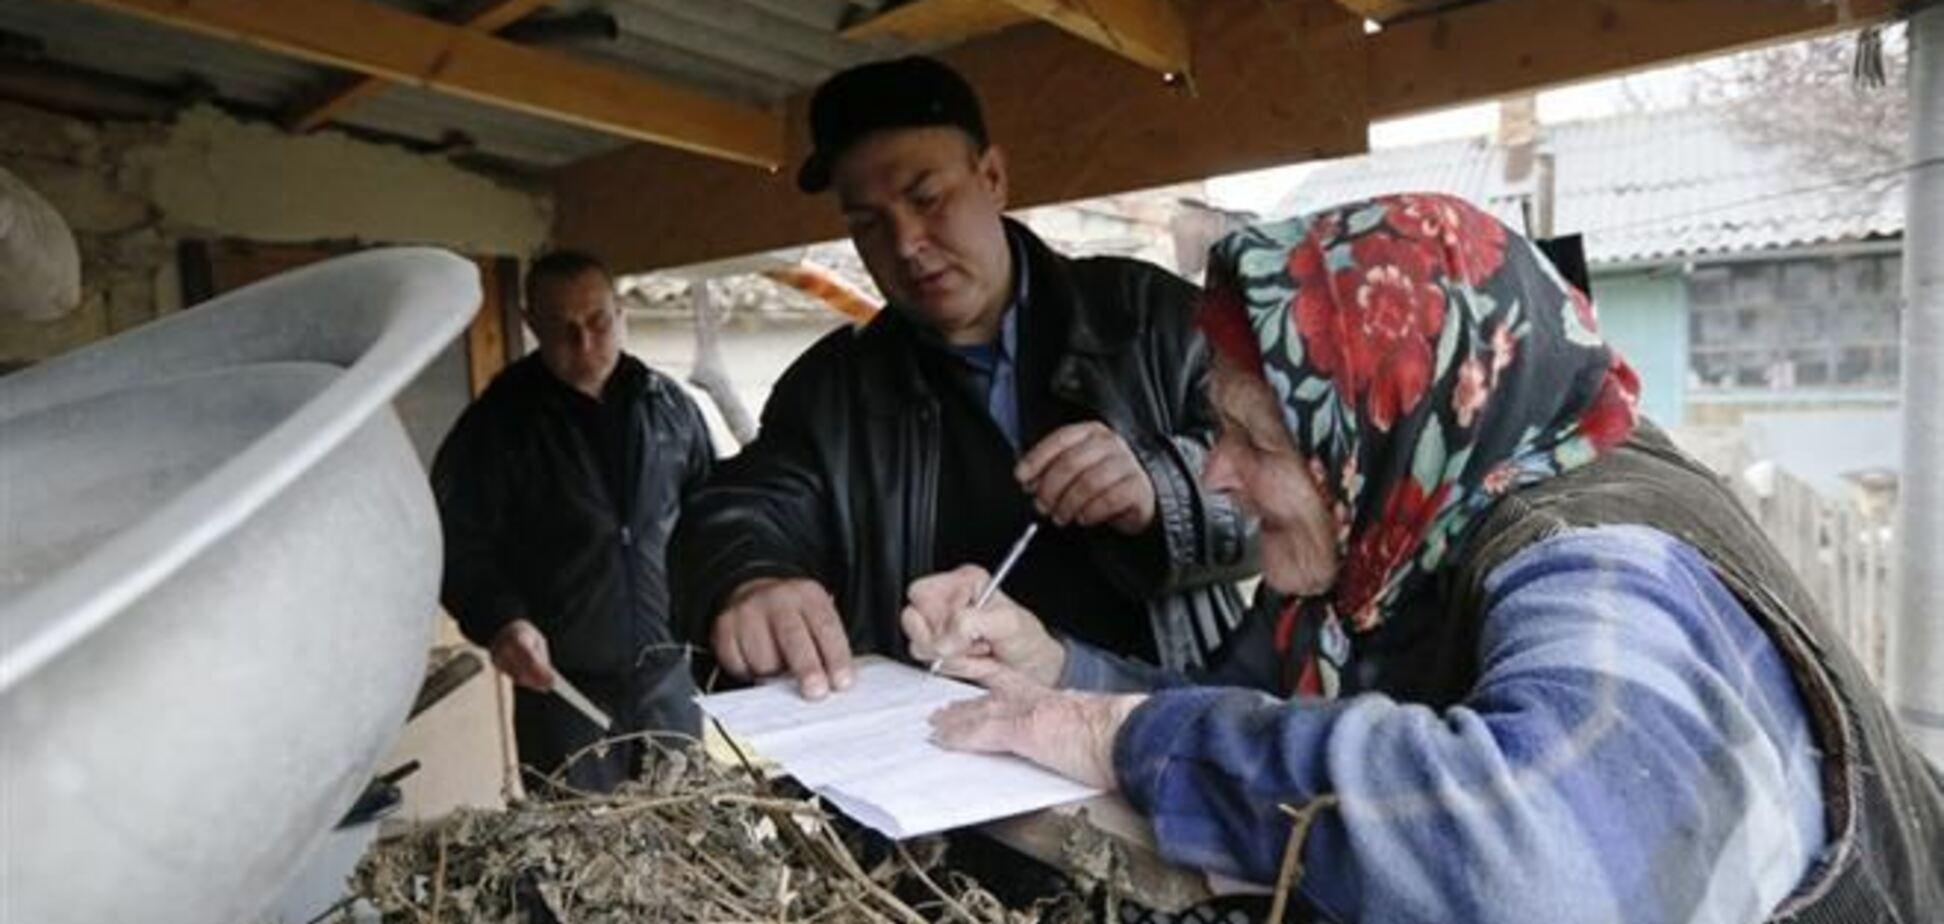 СМИ: присоединение к РФ на 'референдуме' поддержали 15% крымчан